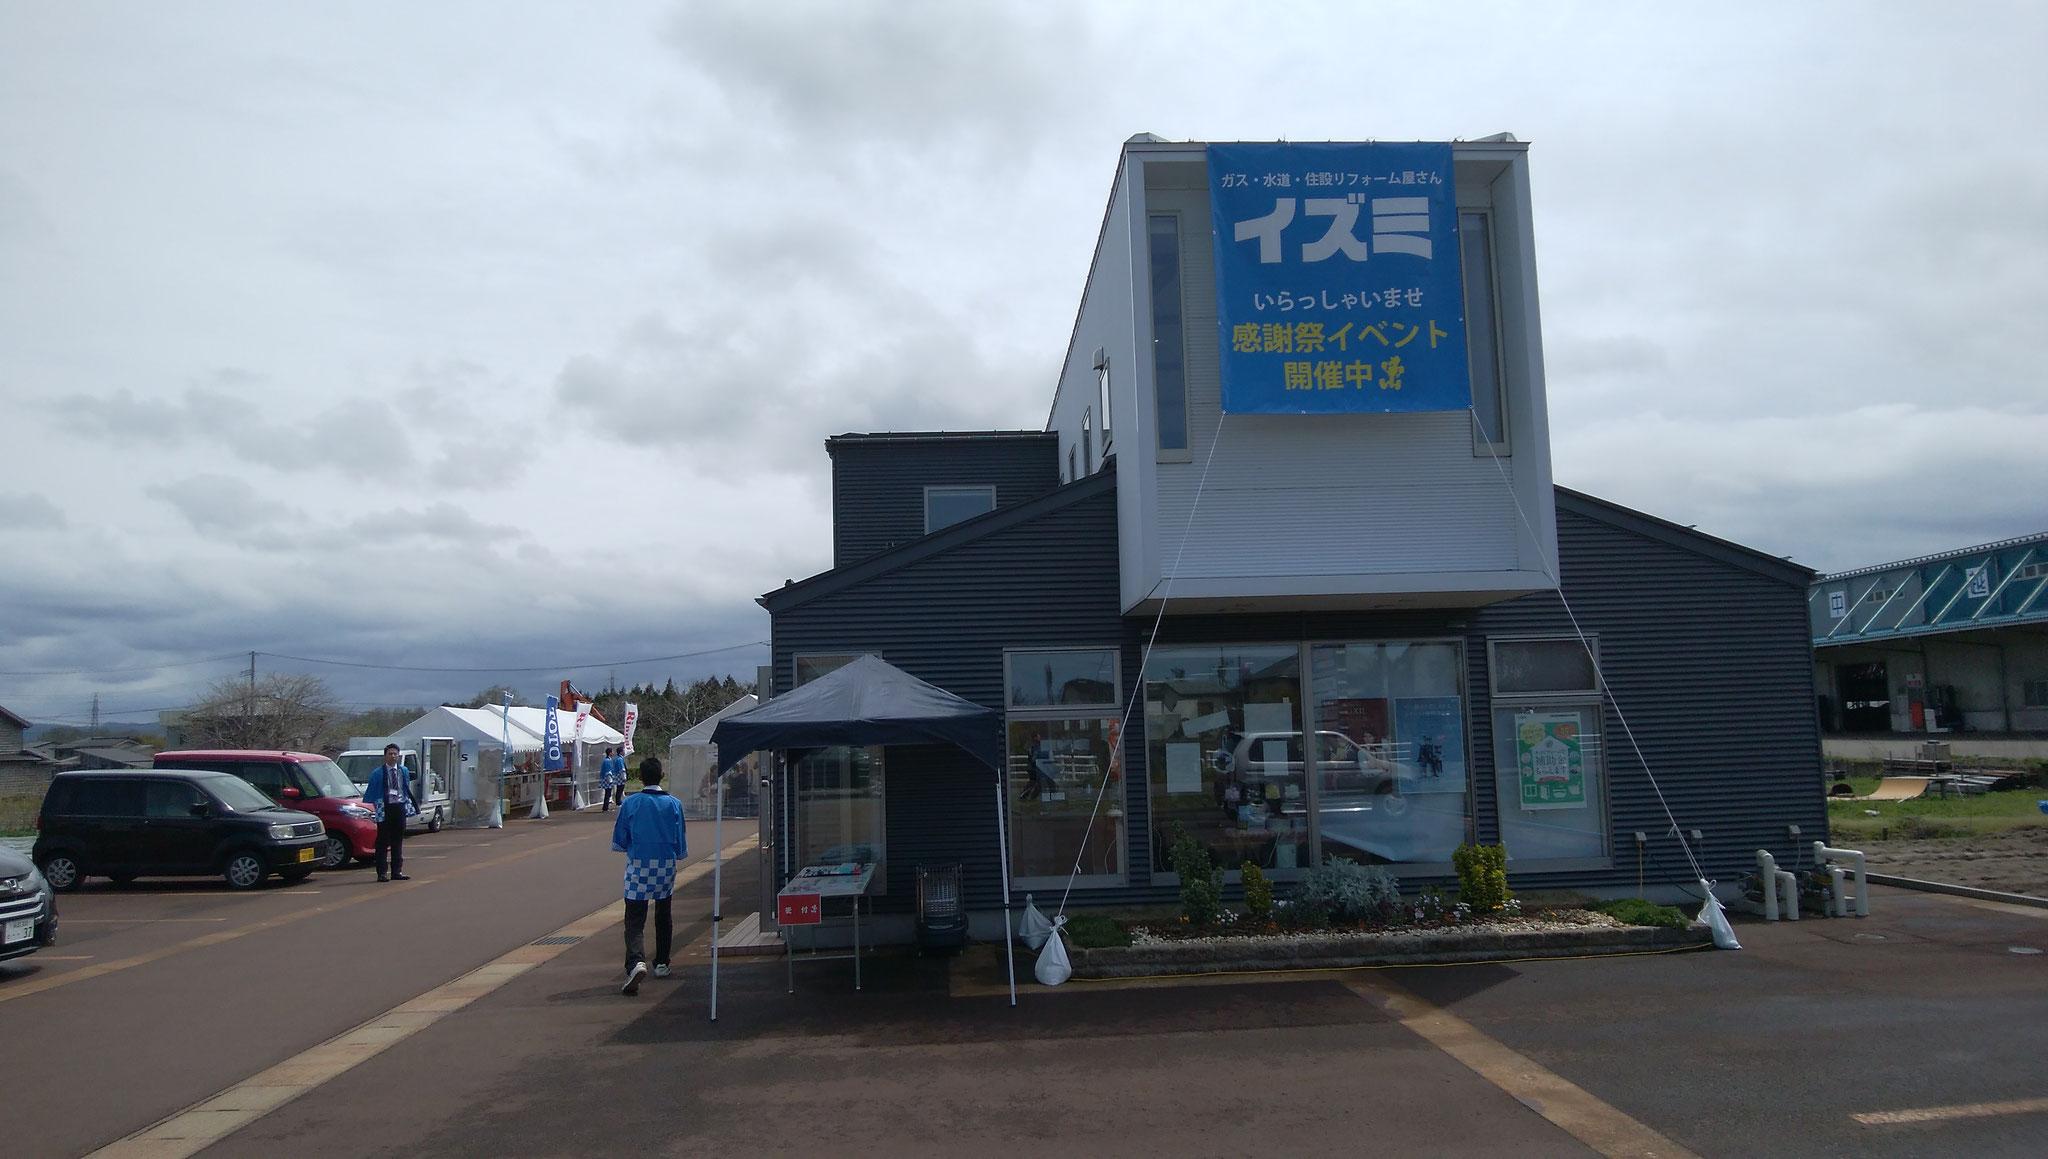 イズミ店舗営業所 おかげ様で5周年祭スタート!